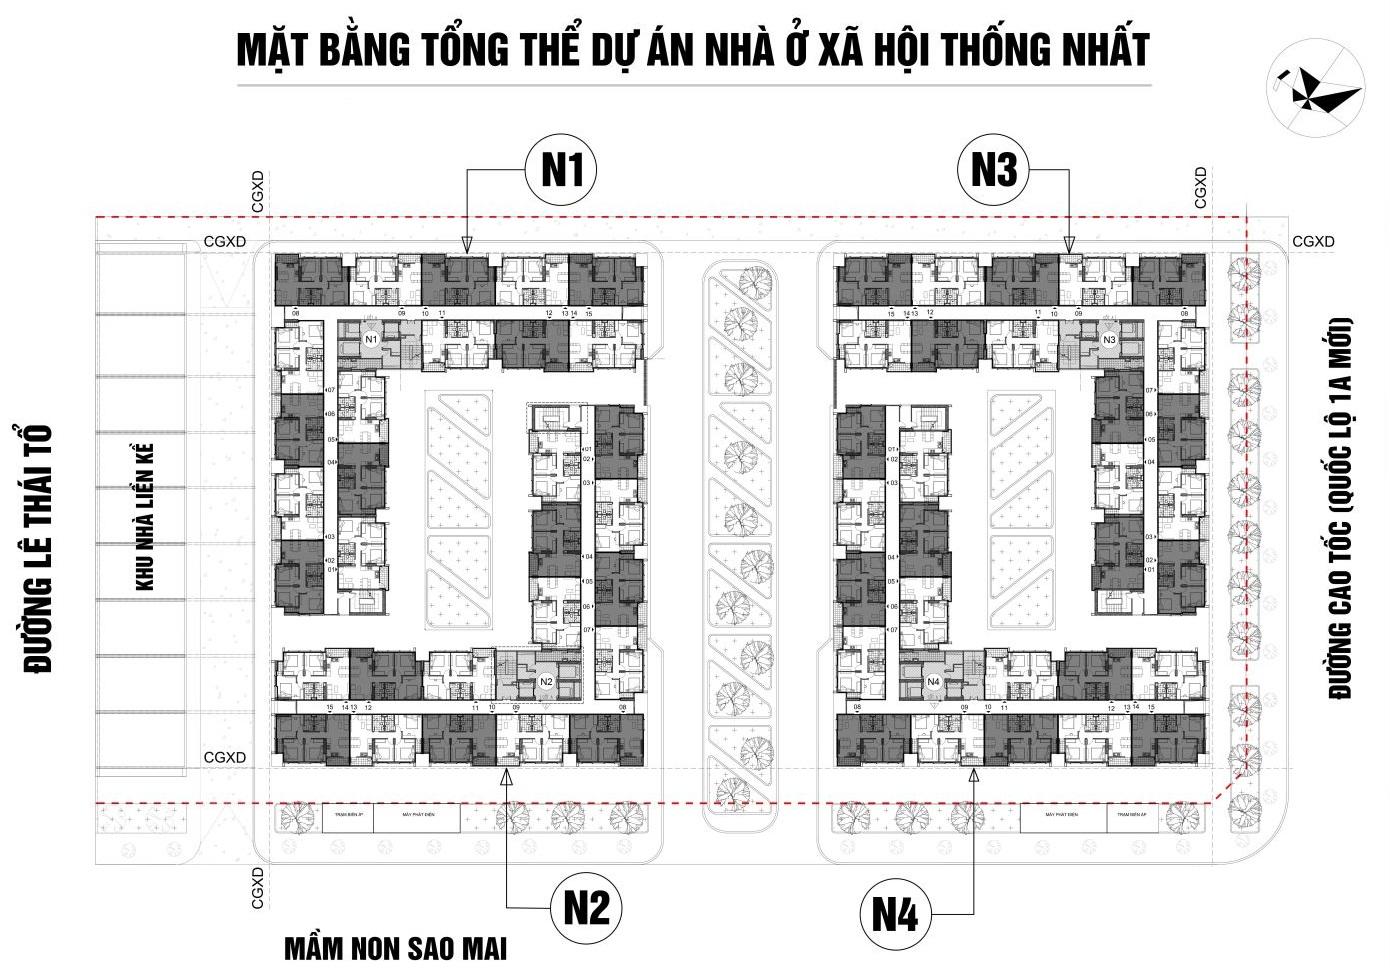 mat-bang-can-ho-cat-tuong-thong-nhat-bac-ninh